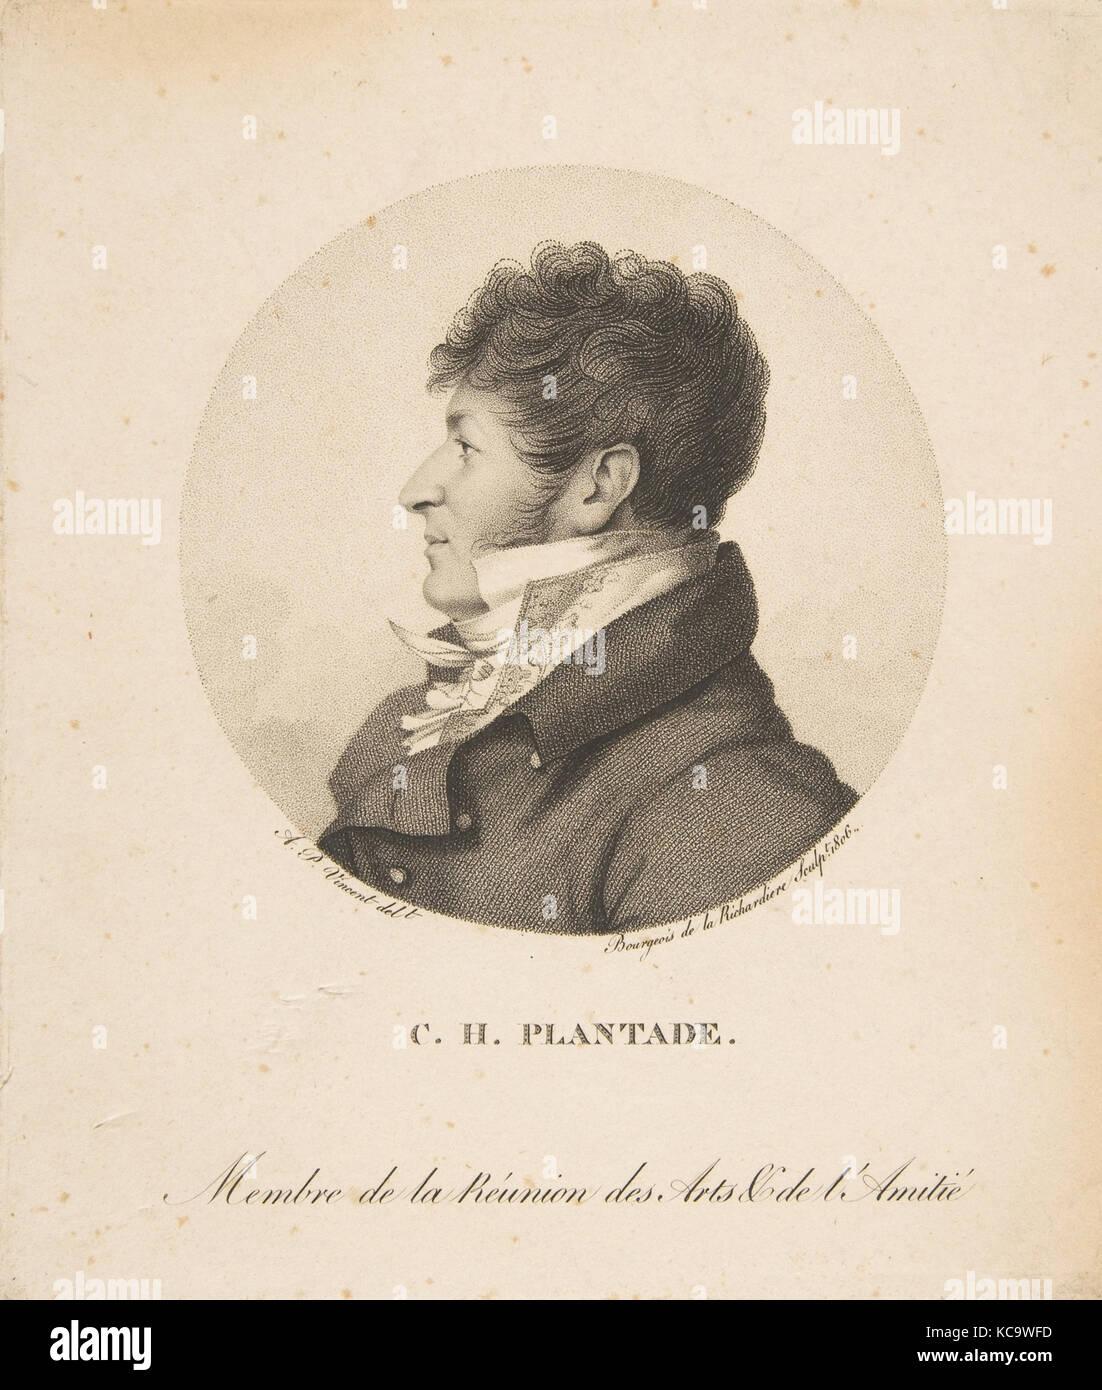 Charles Henri Plantade, Antoine Achille Bourgeois de la Richardière, 1806 - Stock Image